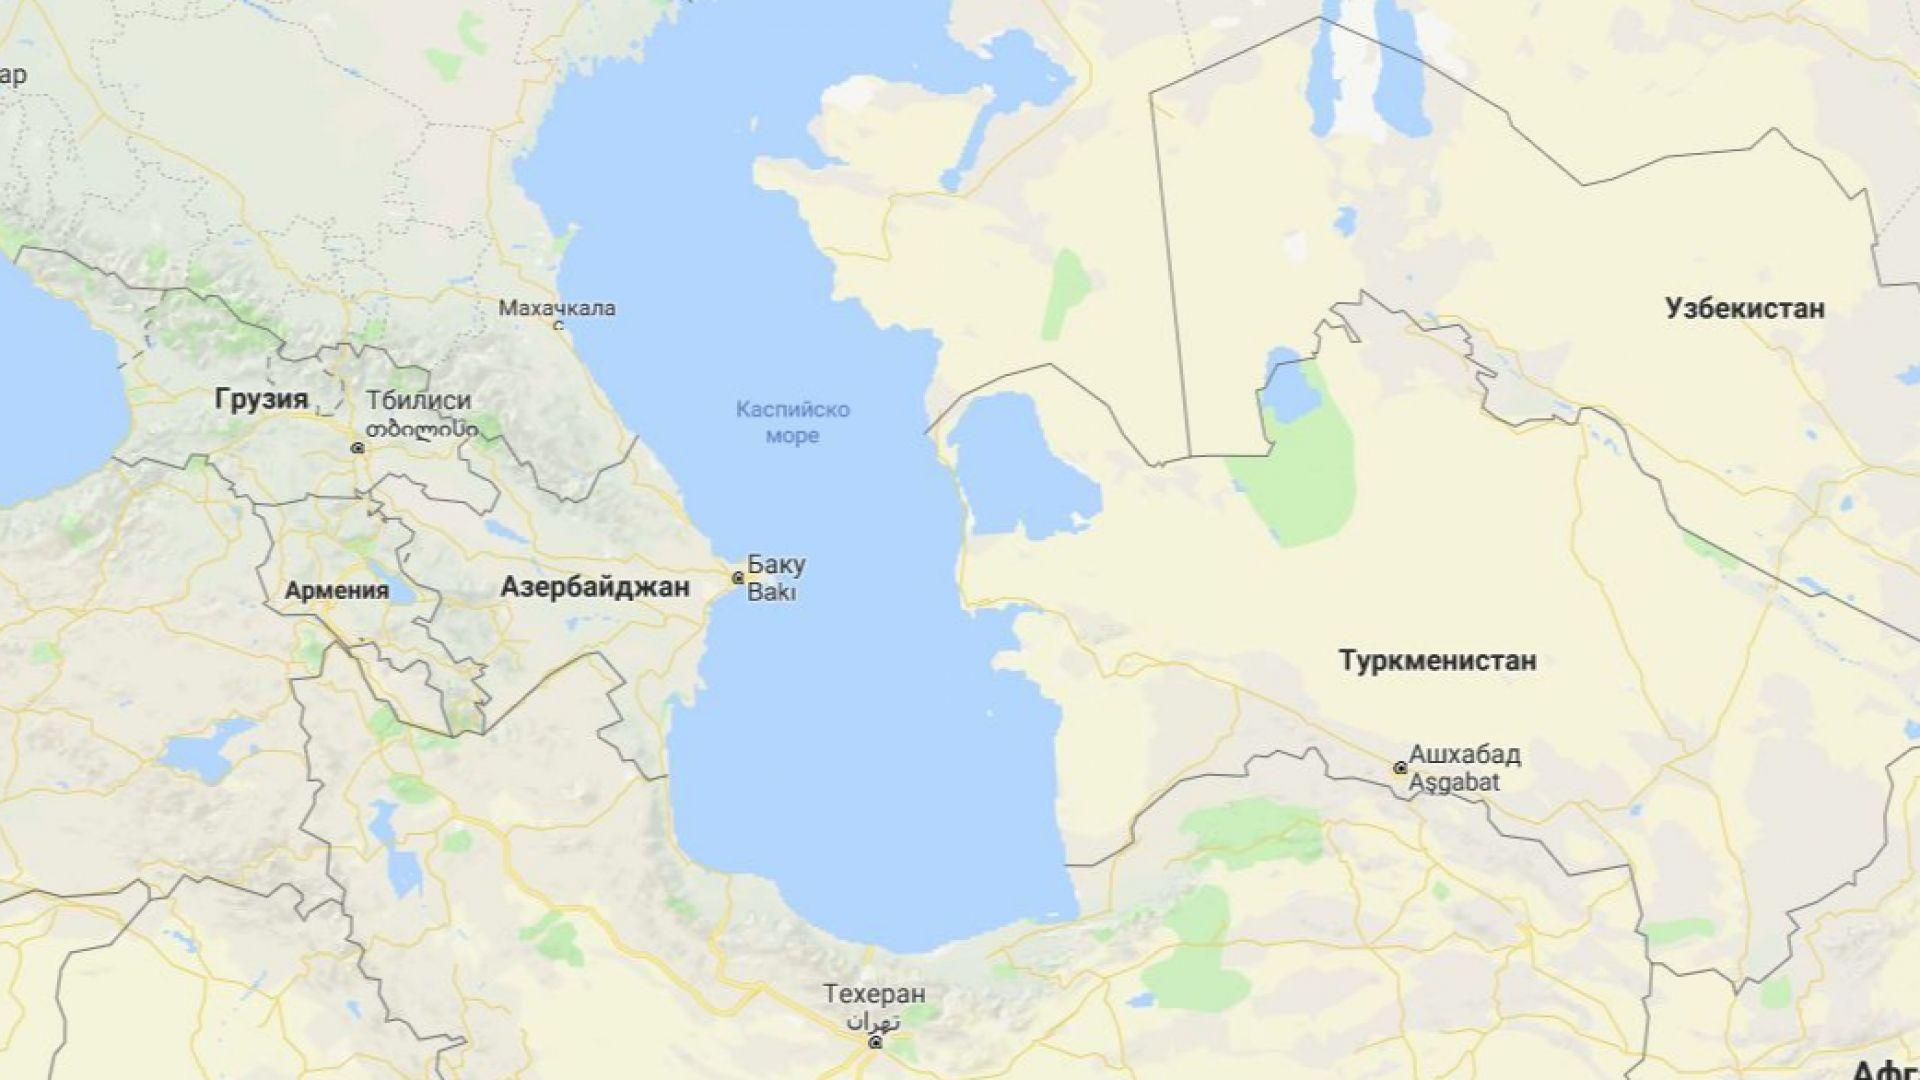 5 държави си разделят Каспийско море